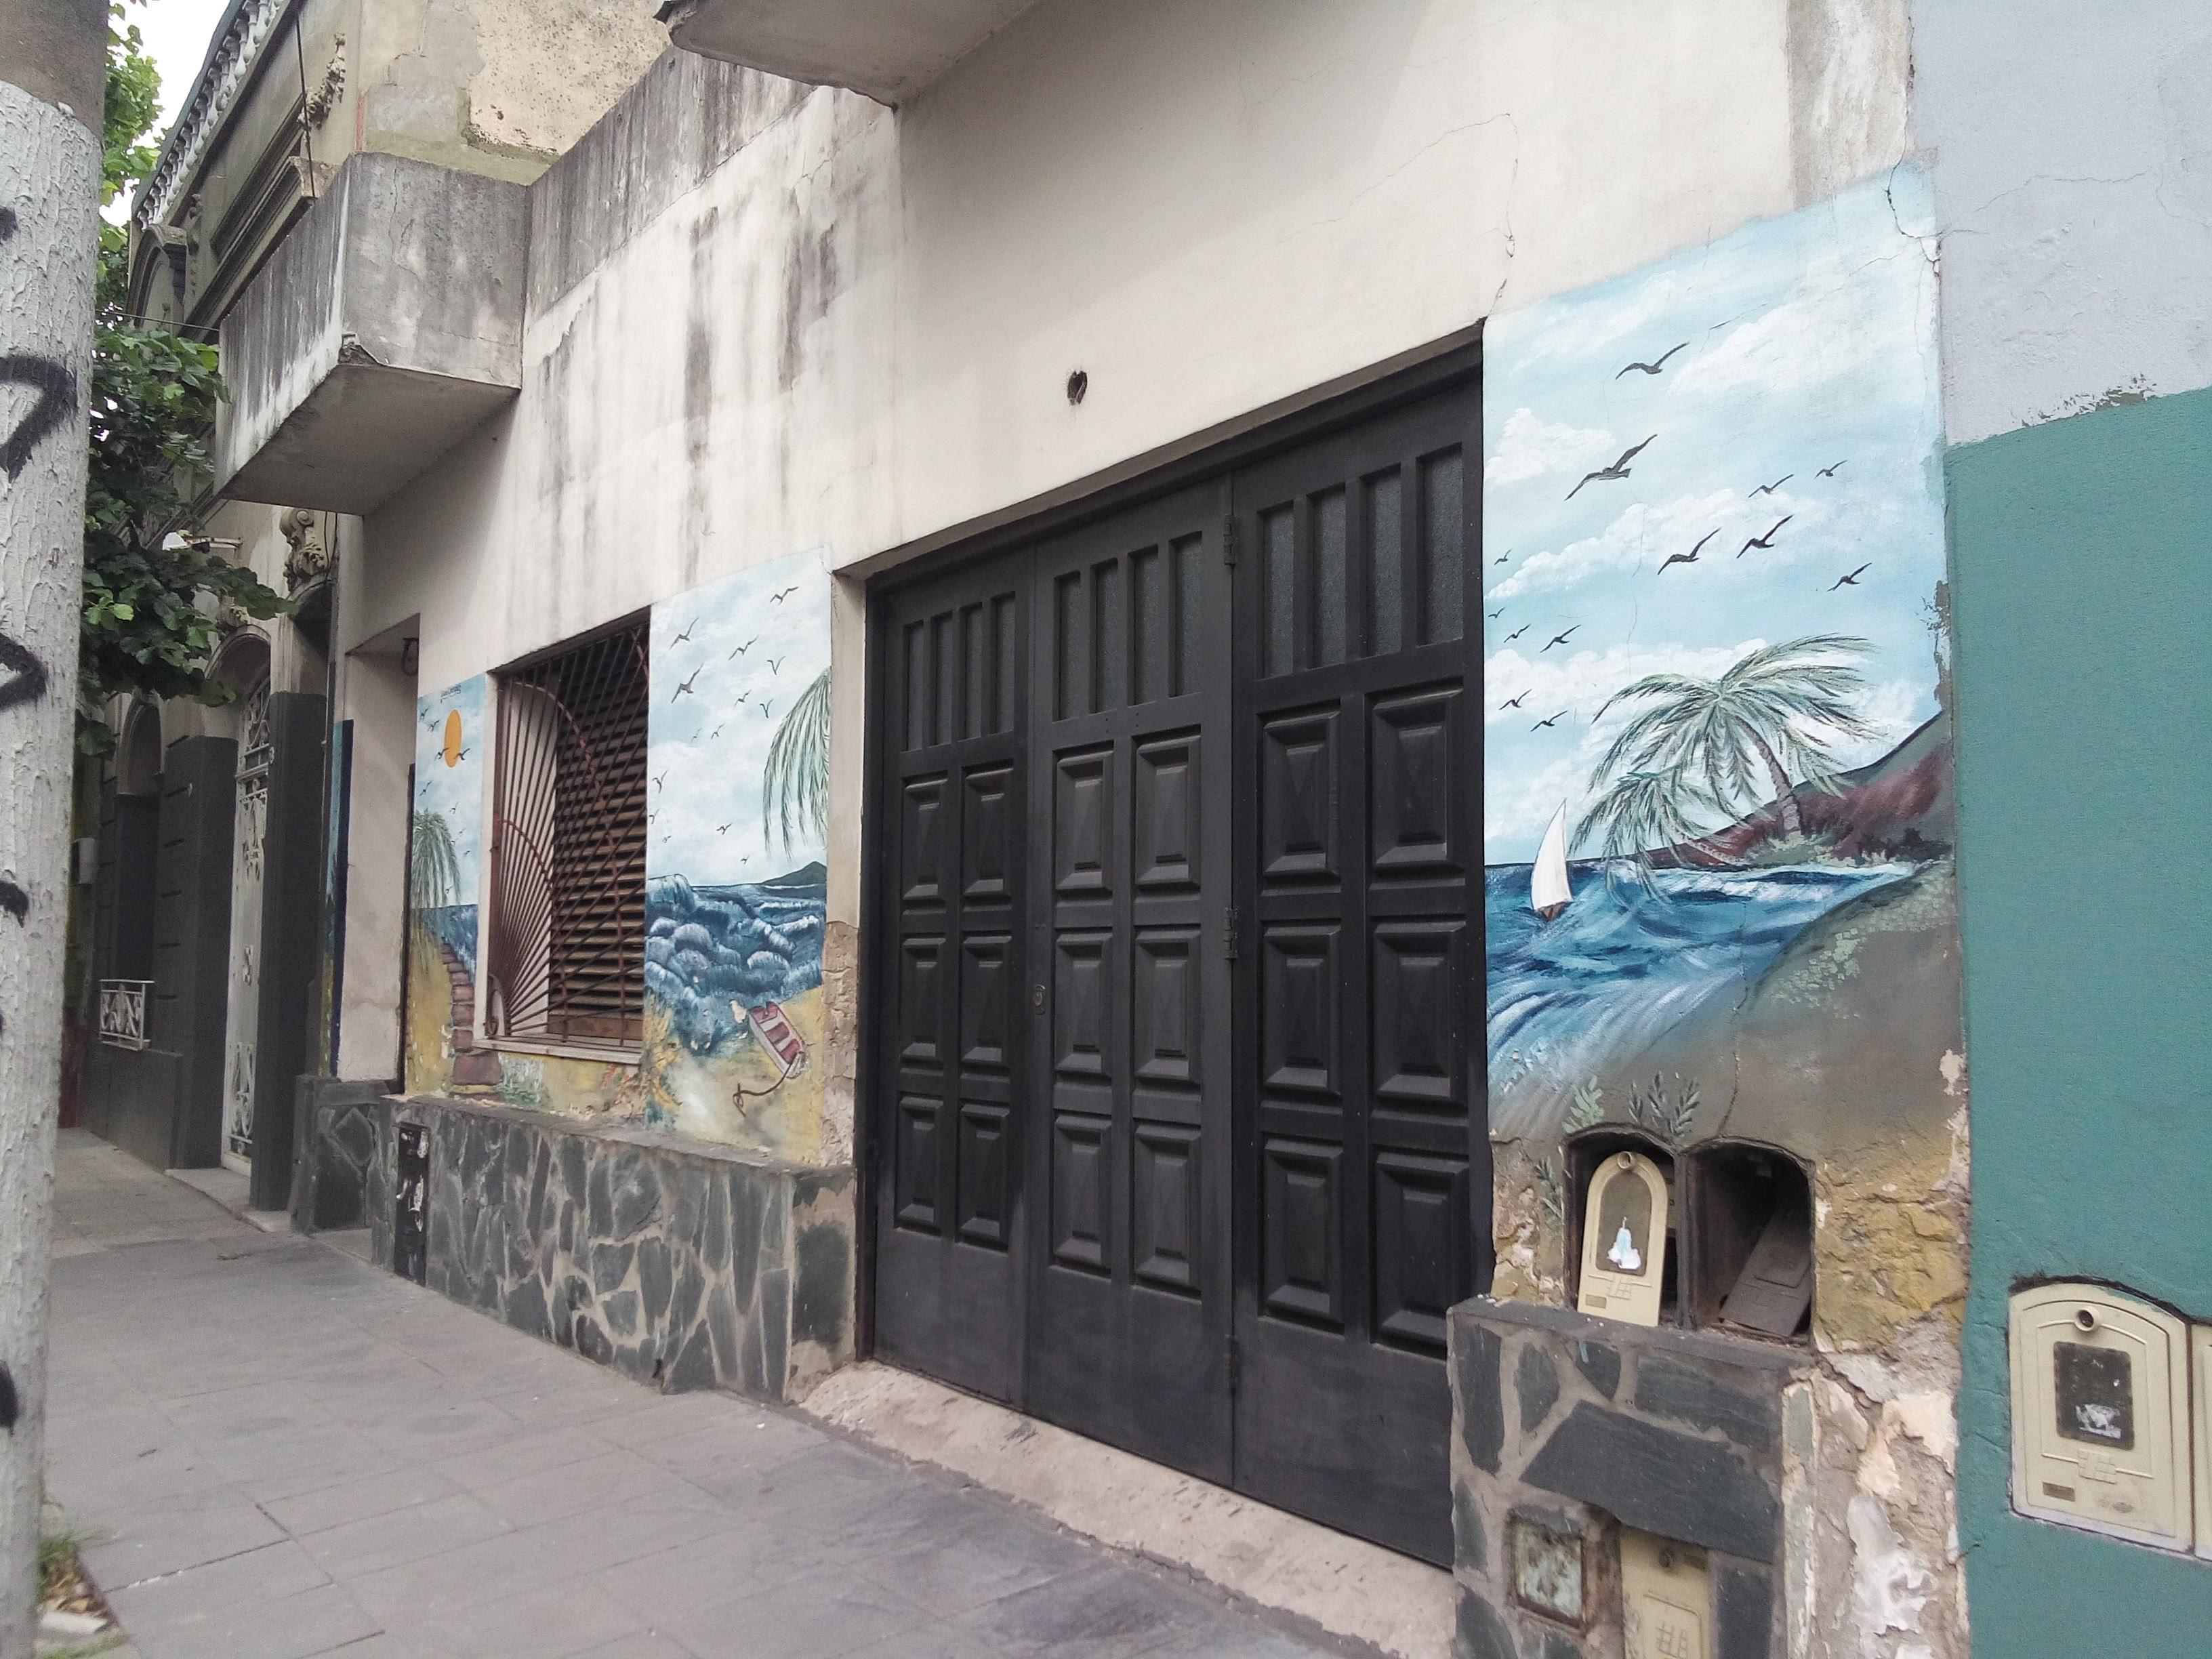 Imágen 3 Liliana Comesaña - Mural en Gral. Arenales al 300